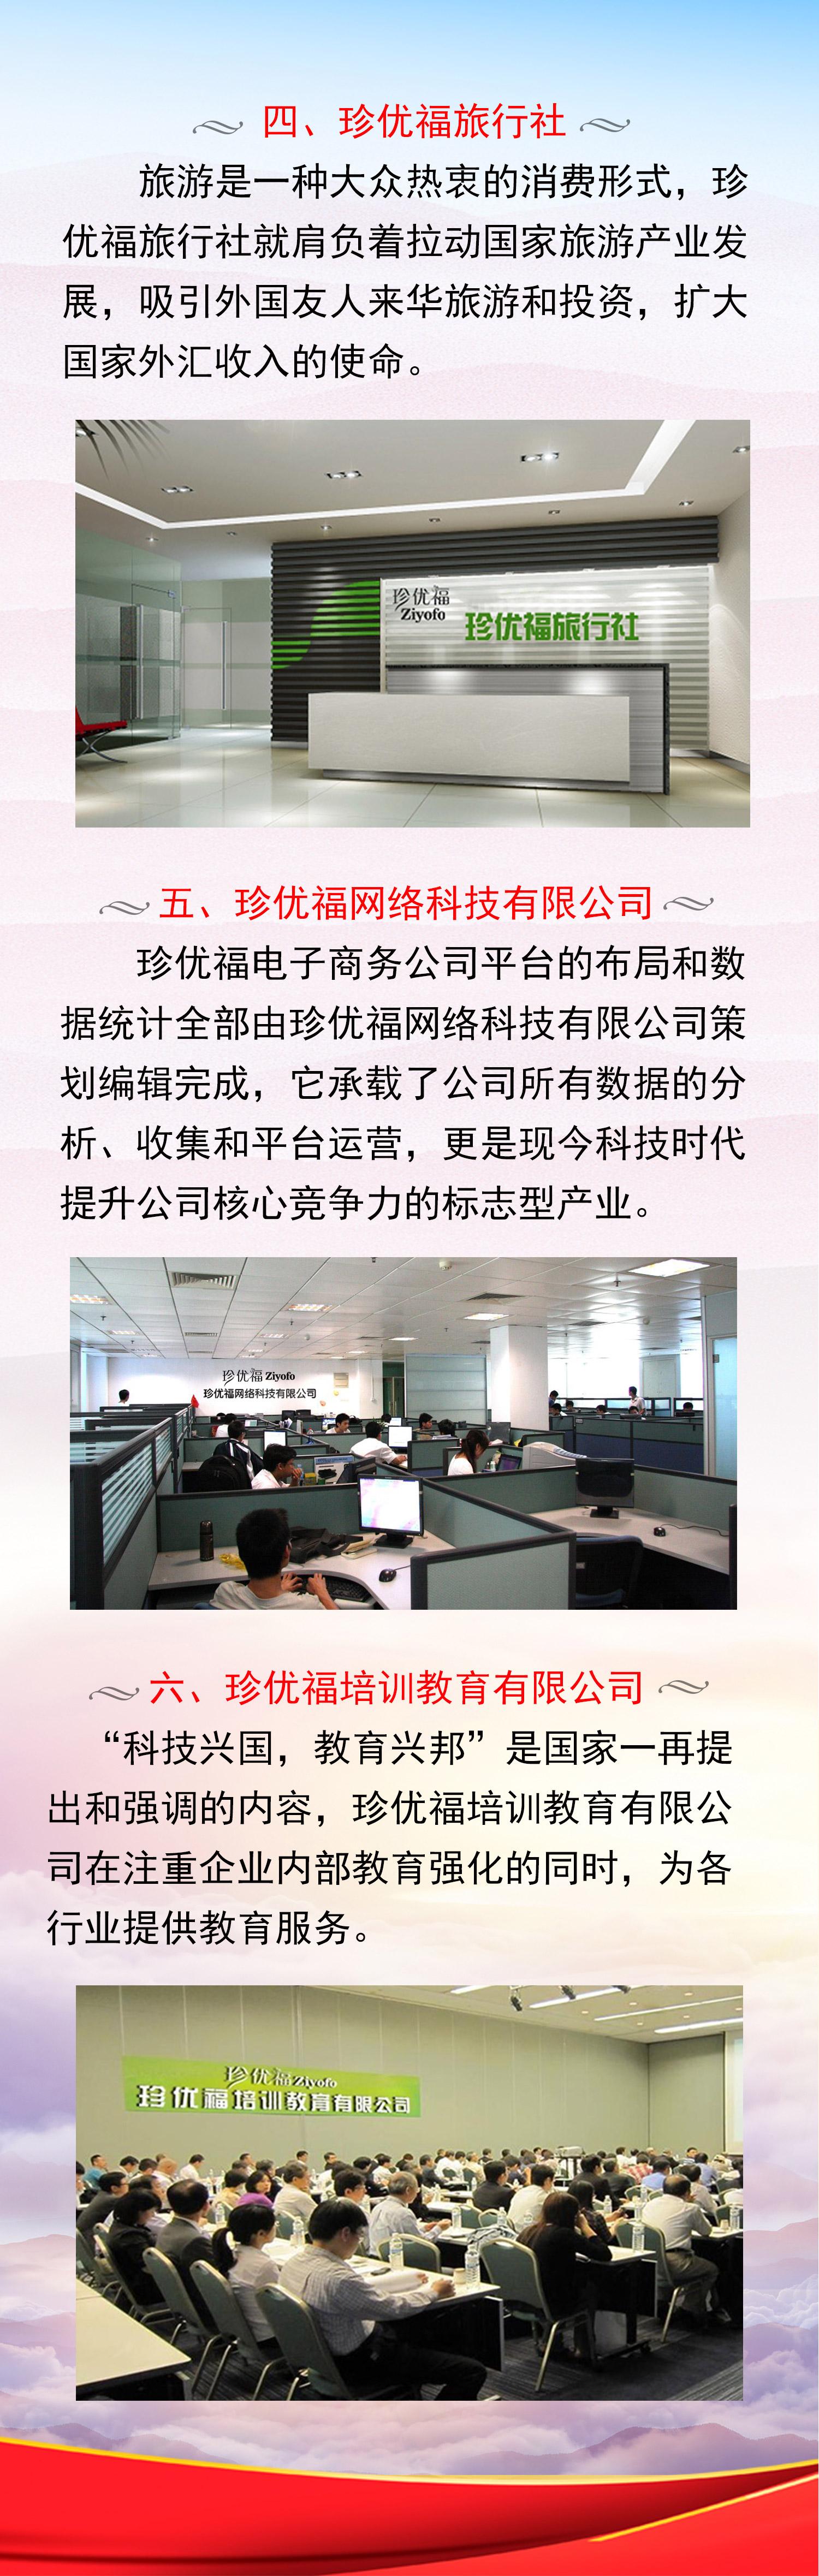 http://image.zhenyoufu.com.cn/shop/article/06711082985526099.jpg